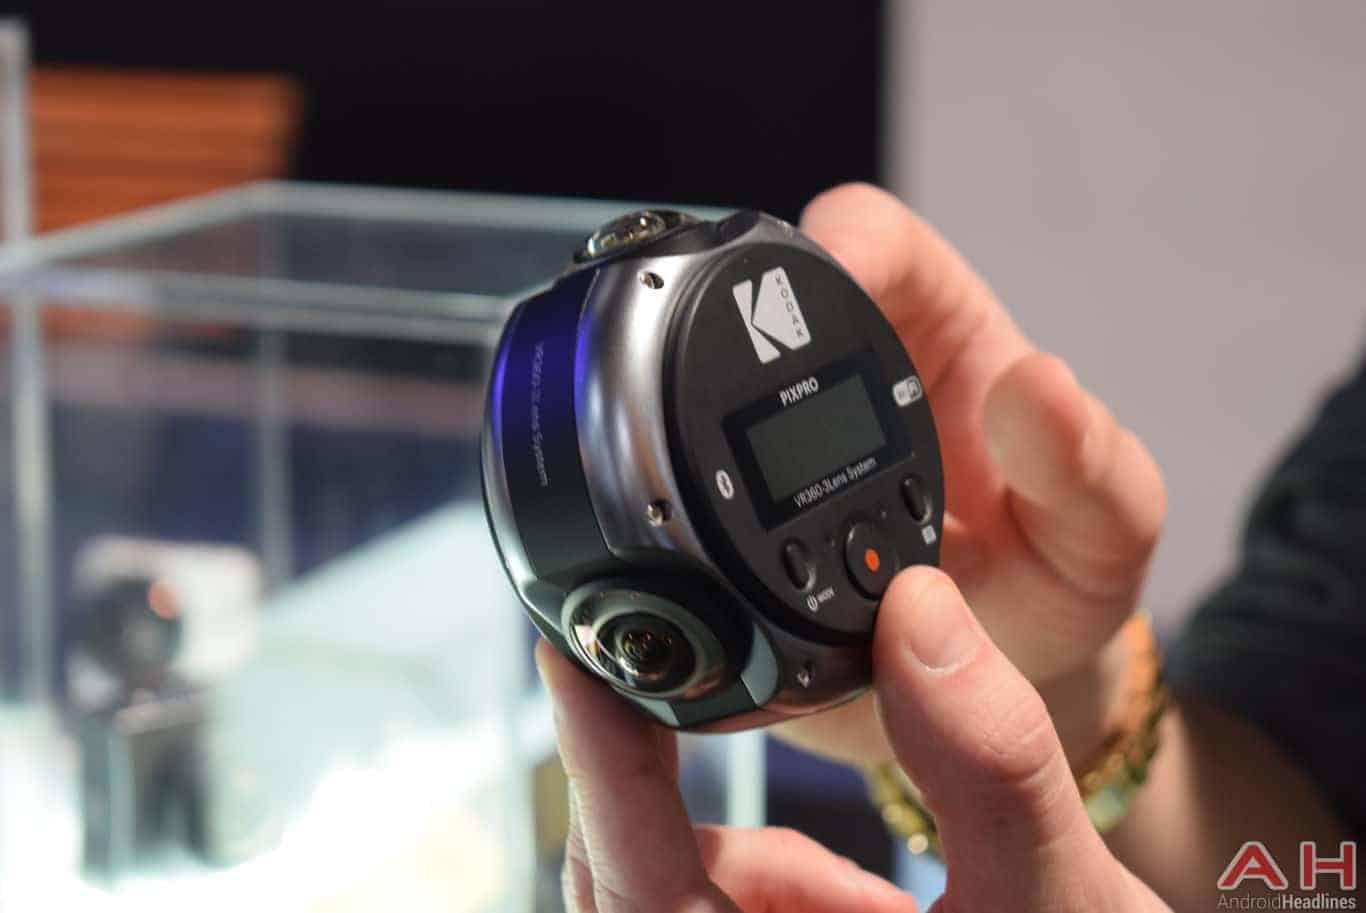 Kodak PIXPRO 360 Pro VR Camera CES 2018 AH 5